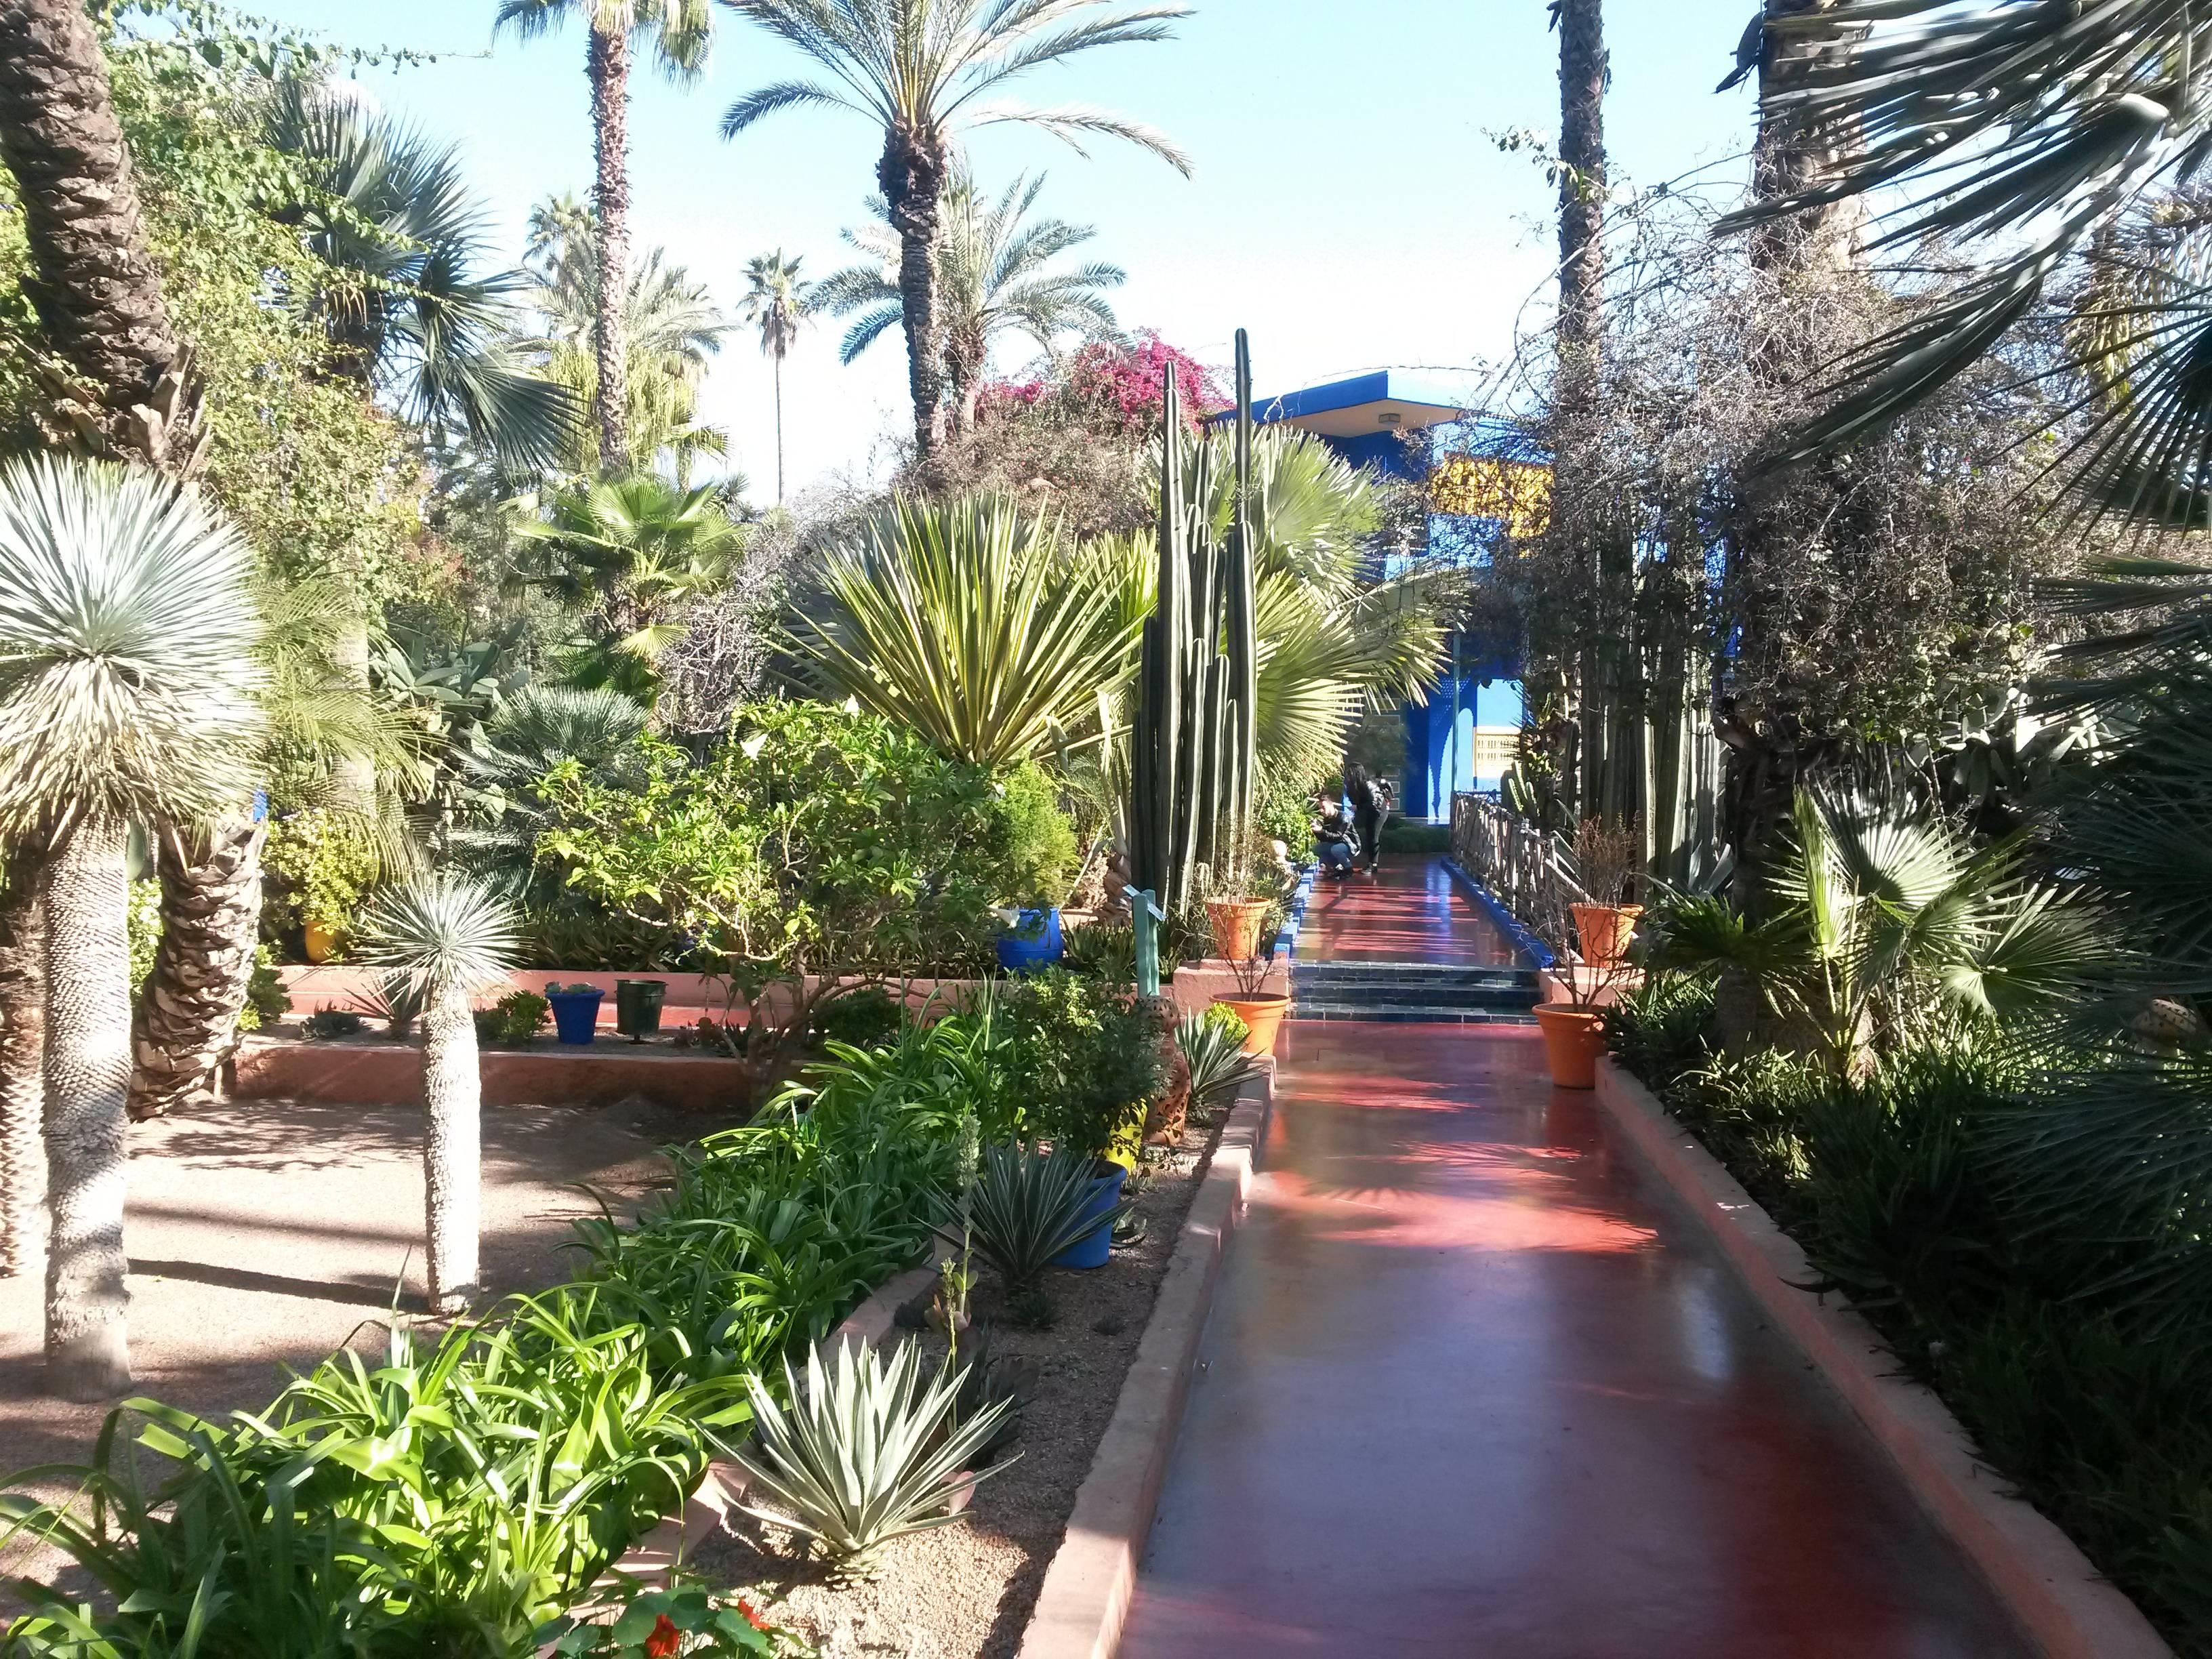 Photo 2: Le jardin Majorelle en amoureux